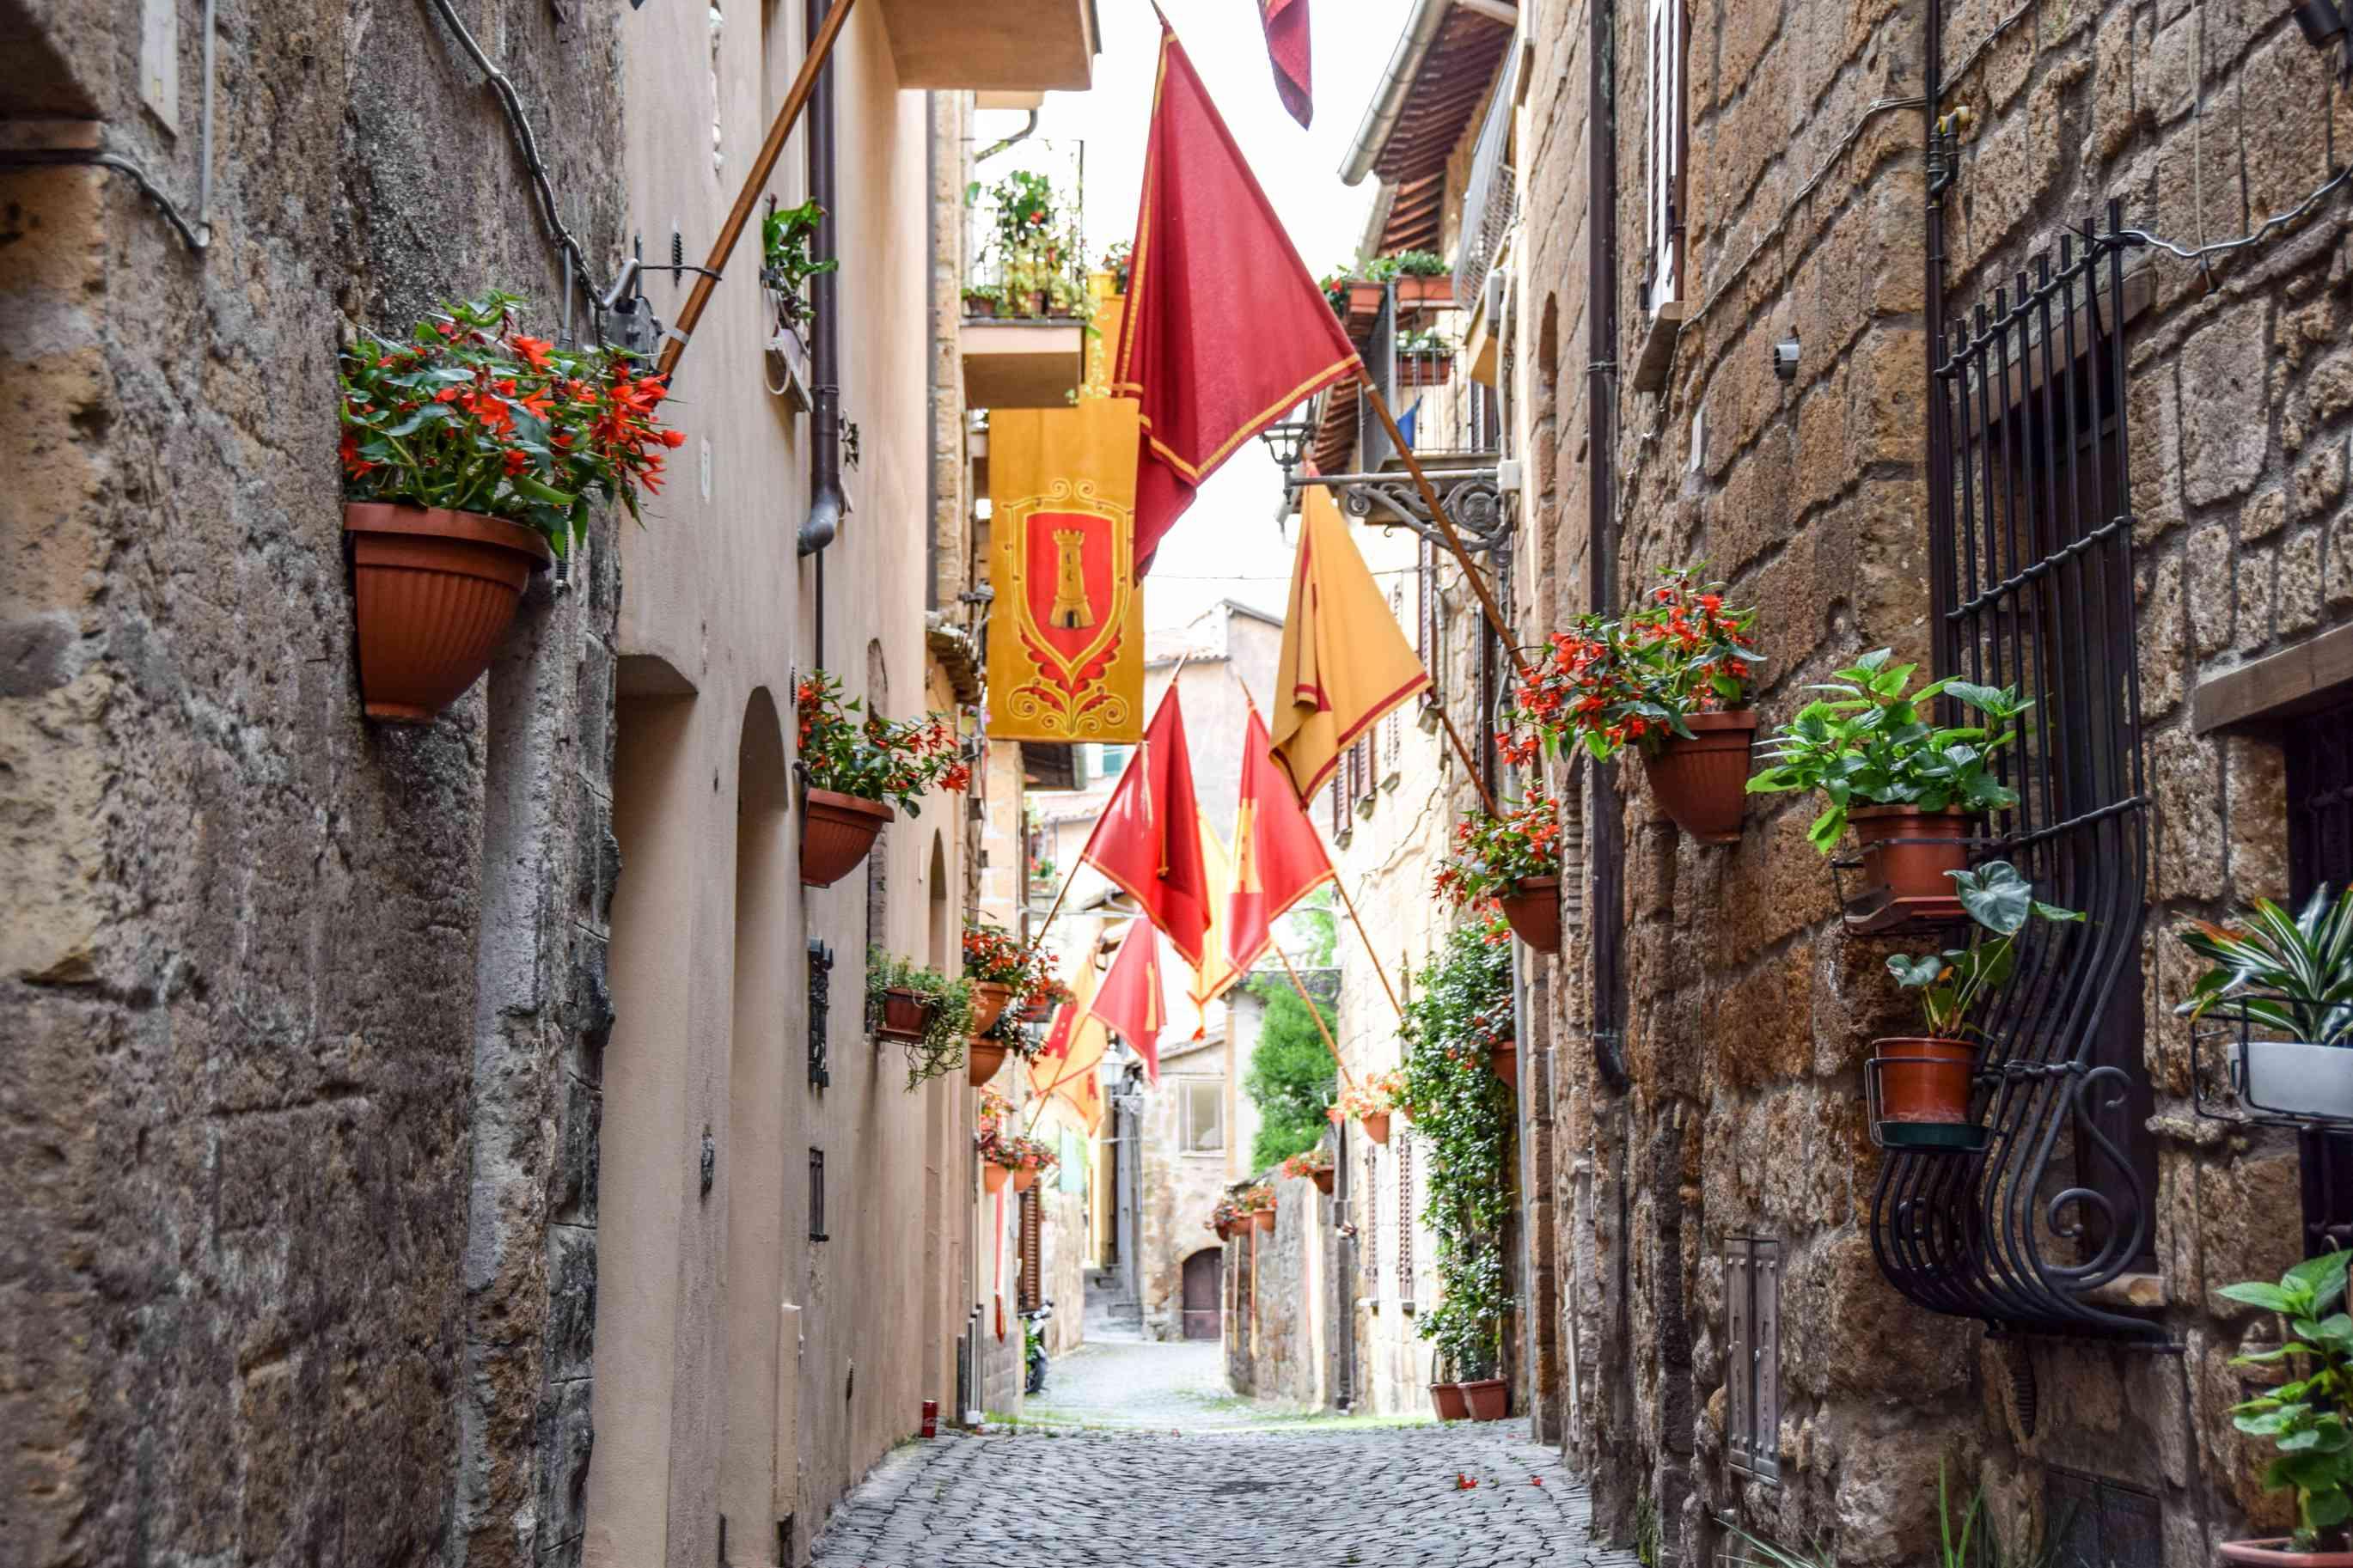 Flags in an alleyway in Orvieto